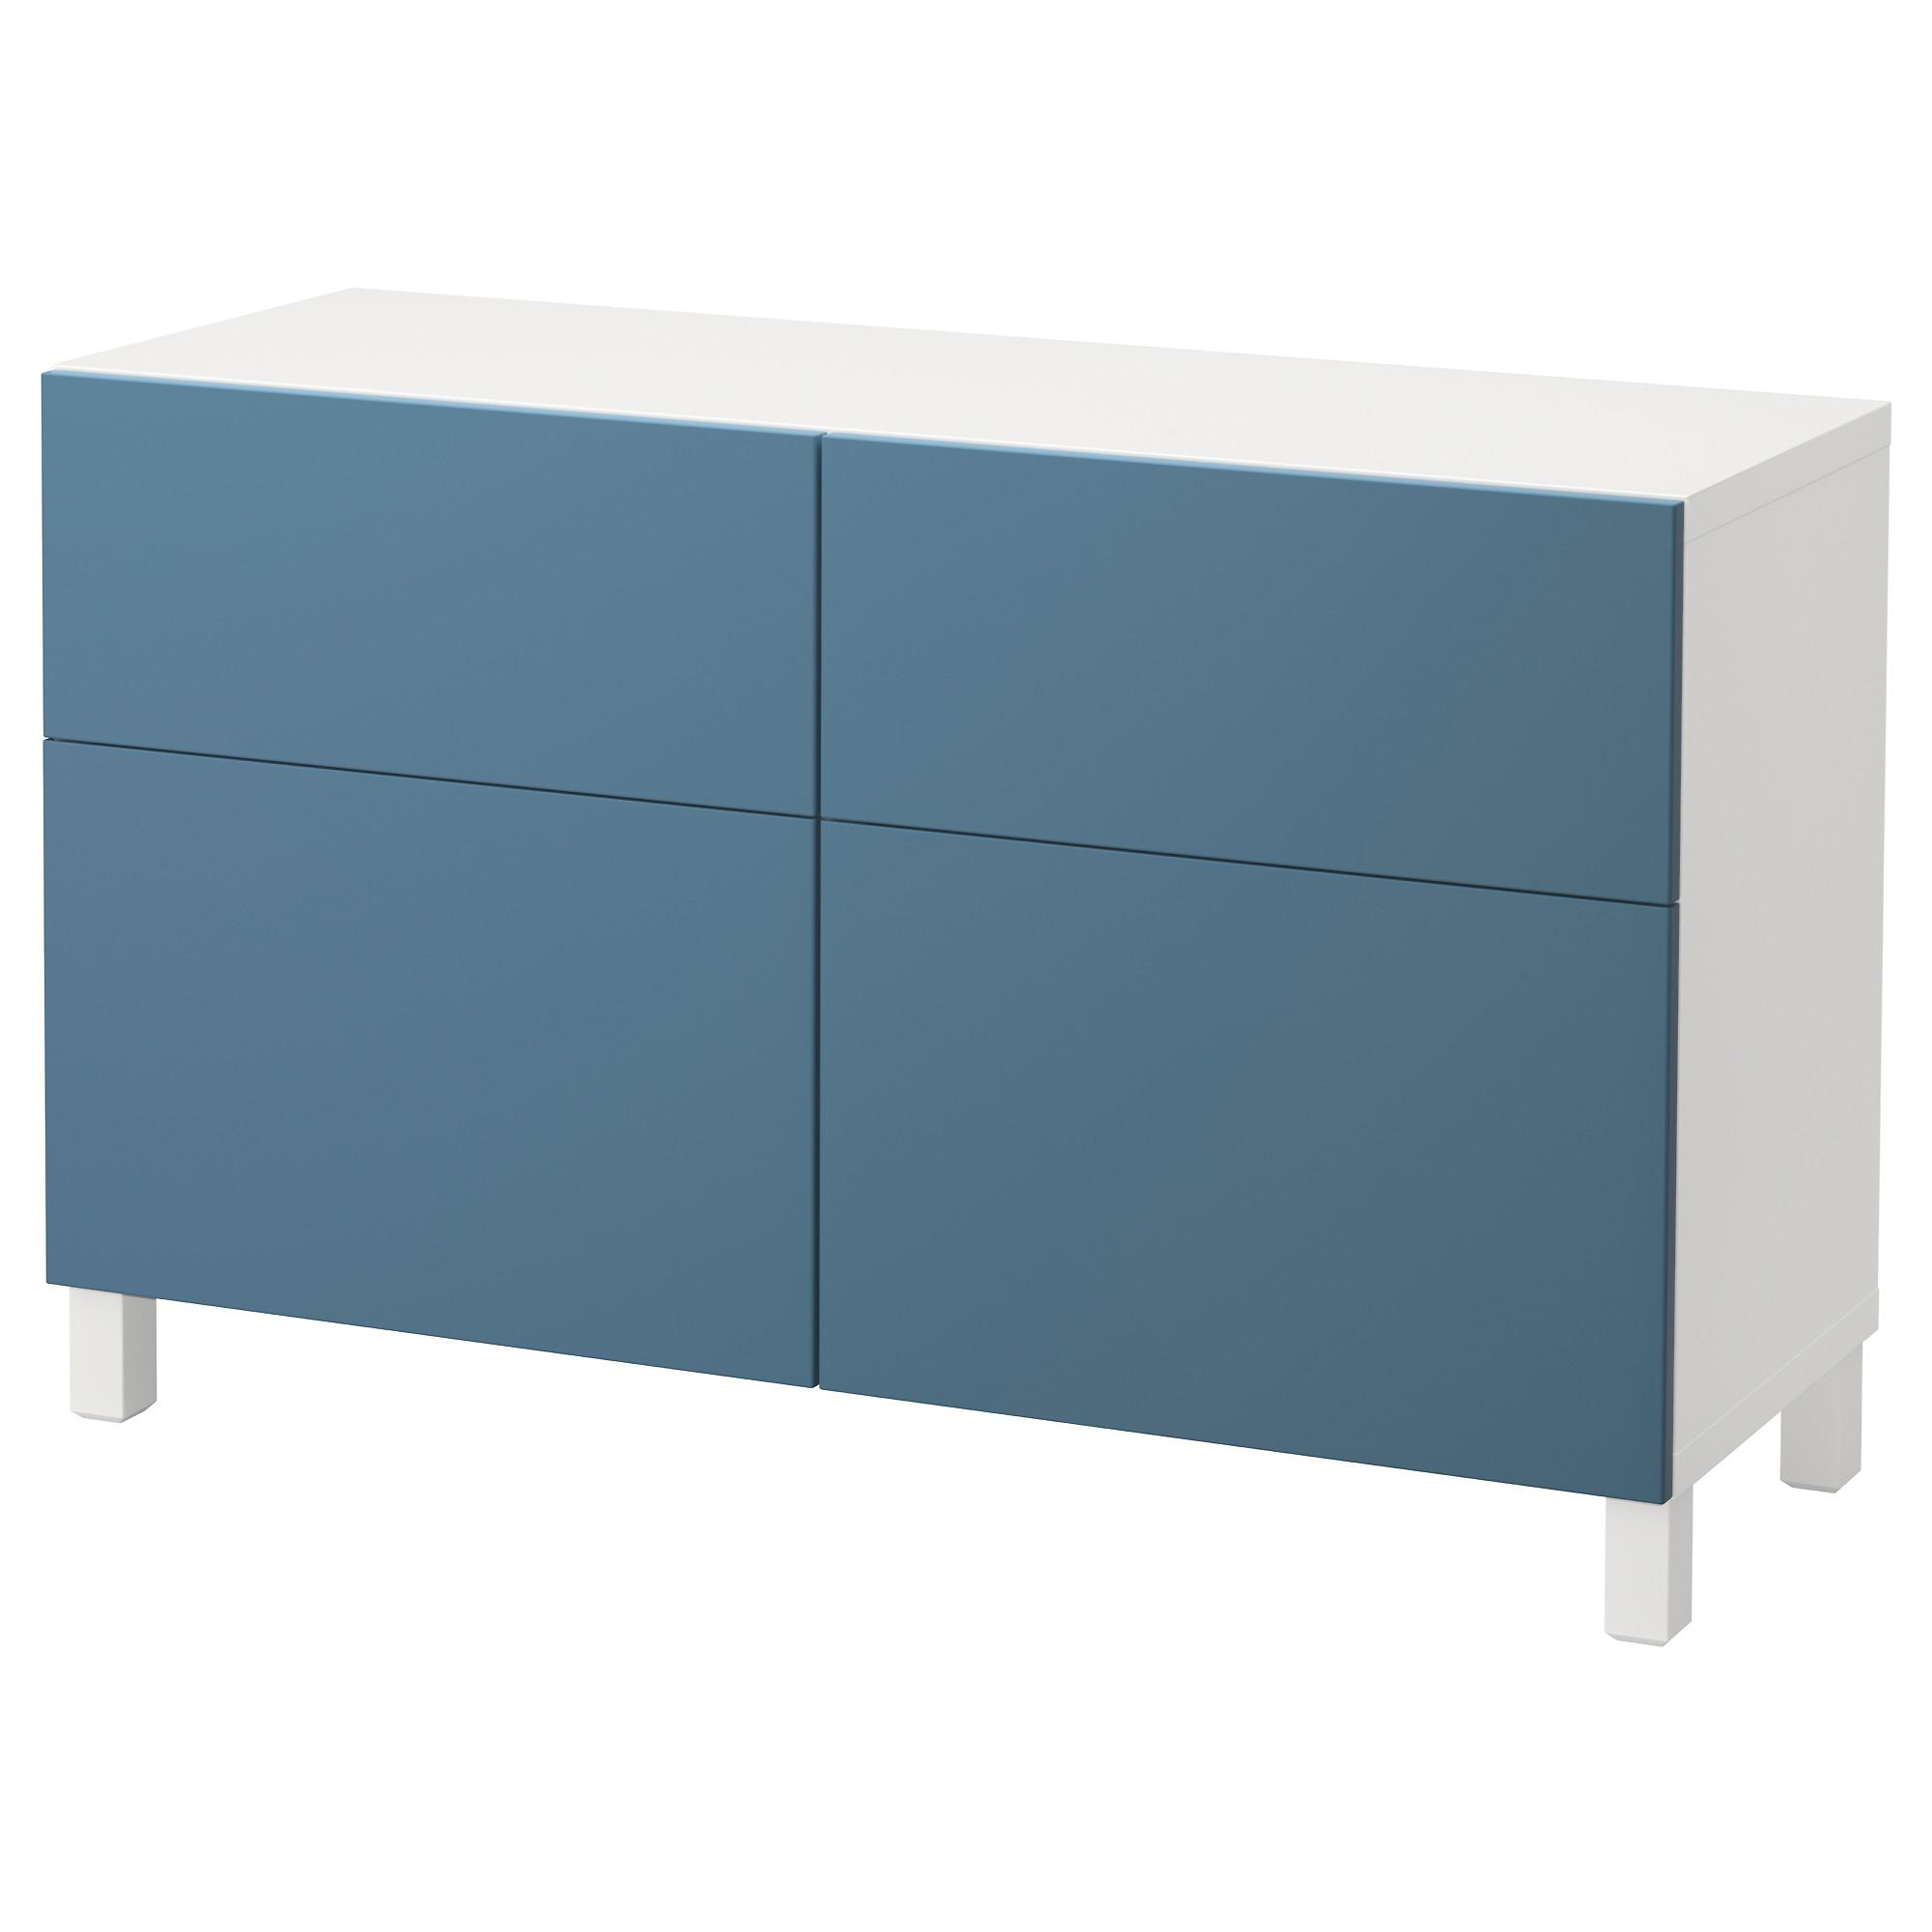 Комбинация для хранения с дверцами, ящиками БЕСТО, белый, Вальвикен темно-синий (120x40x74 см)